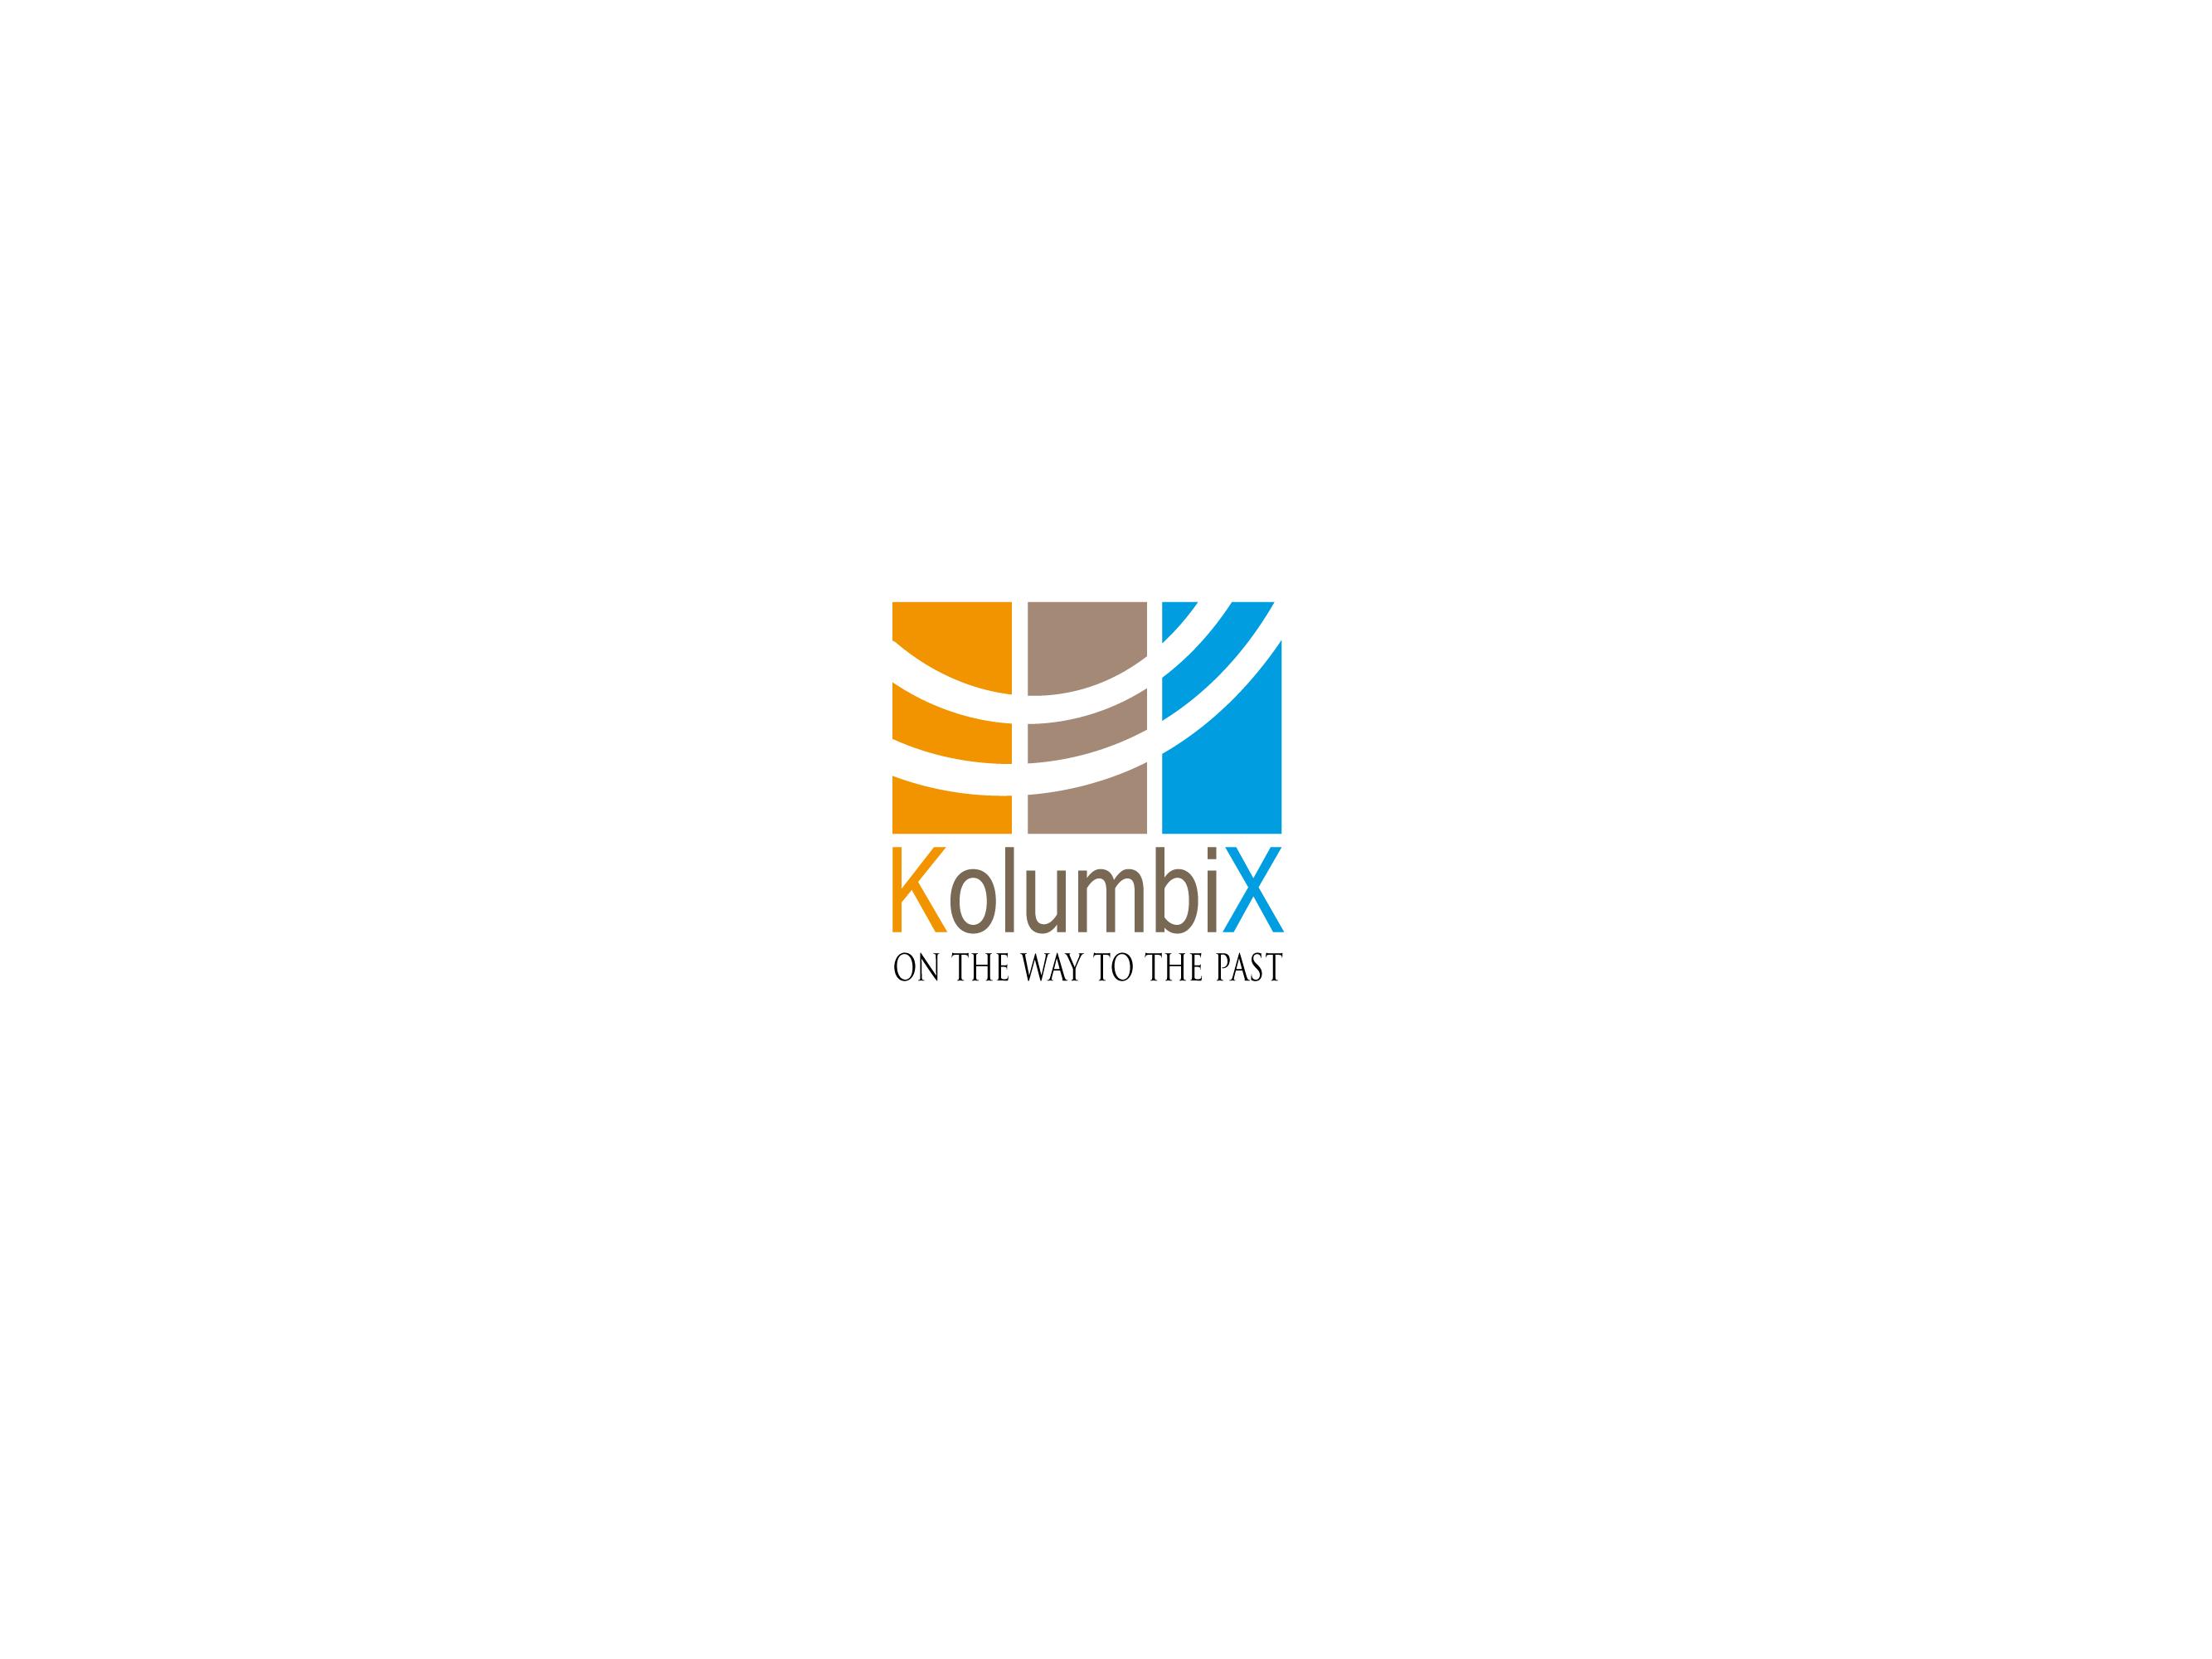 Создание логотипа для туристической фирмы Kolumbix фото f_4fb268c1a881b.png